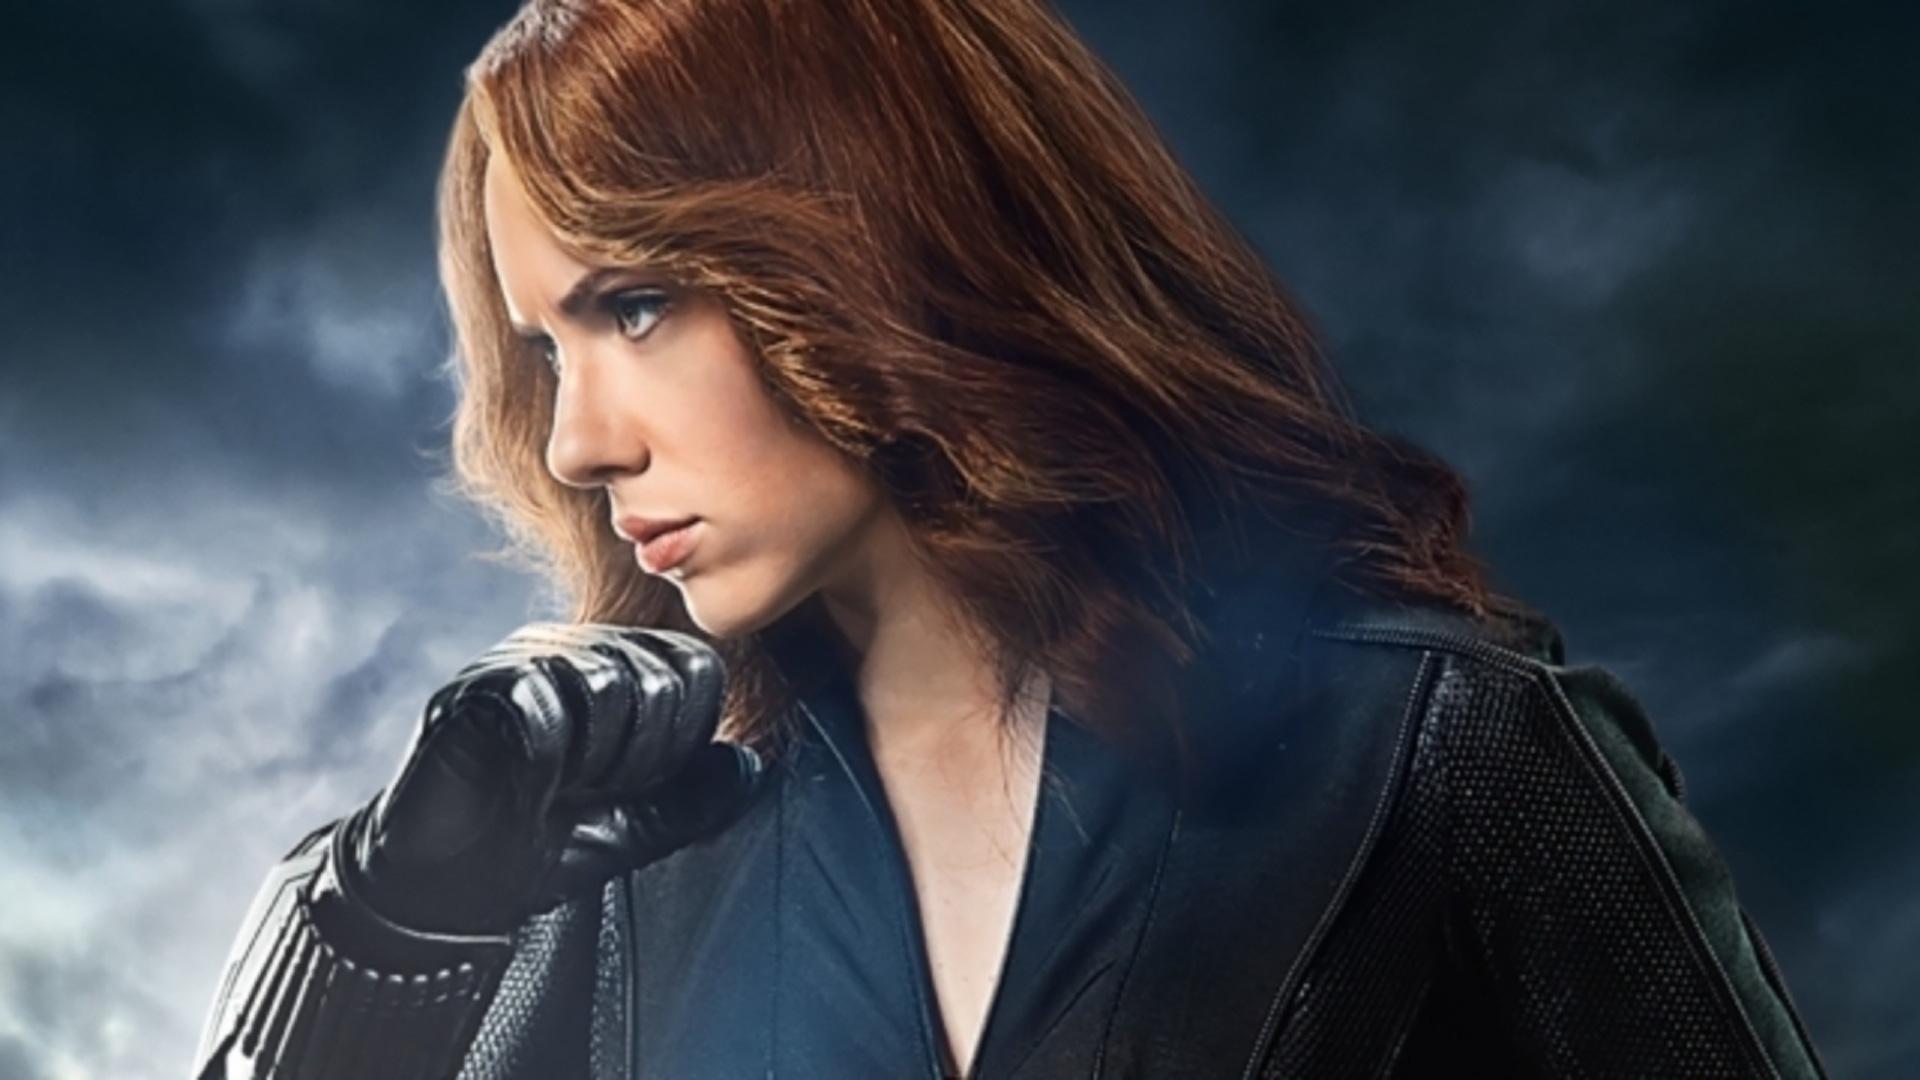 Điểm mặt những bộ phim không thể bỏ lỡ trong năm 2020 - Ảnh 11.